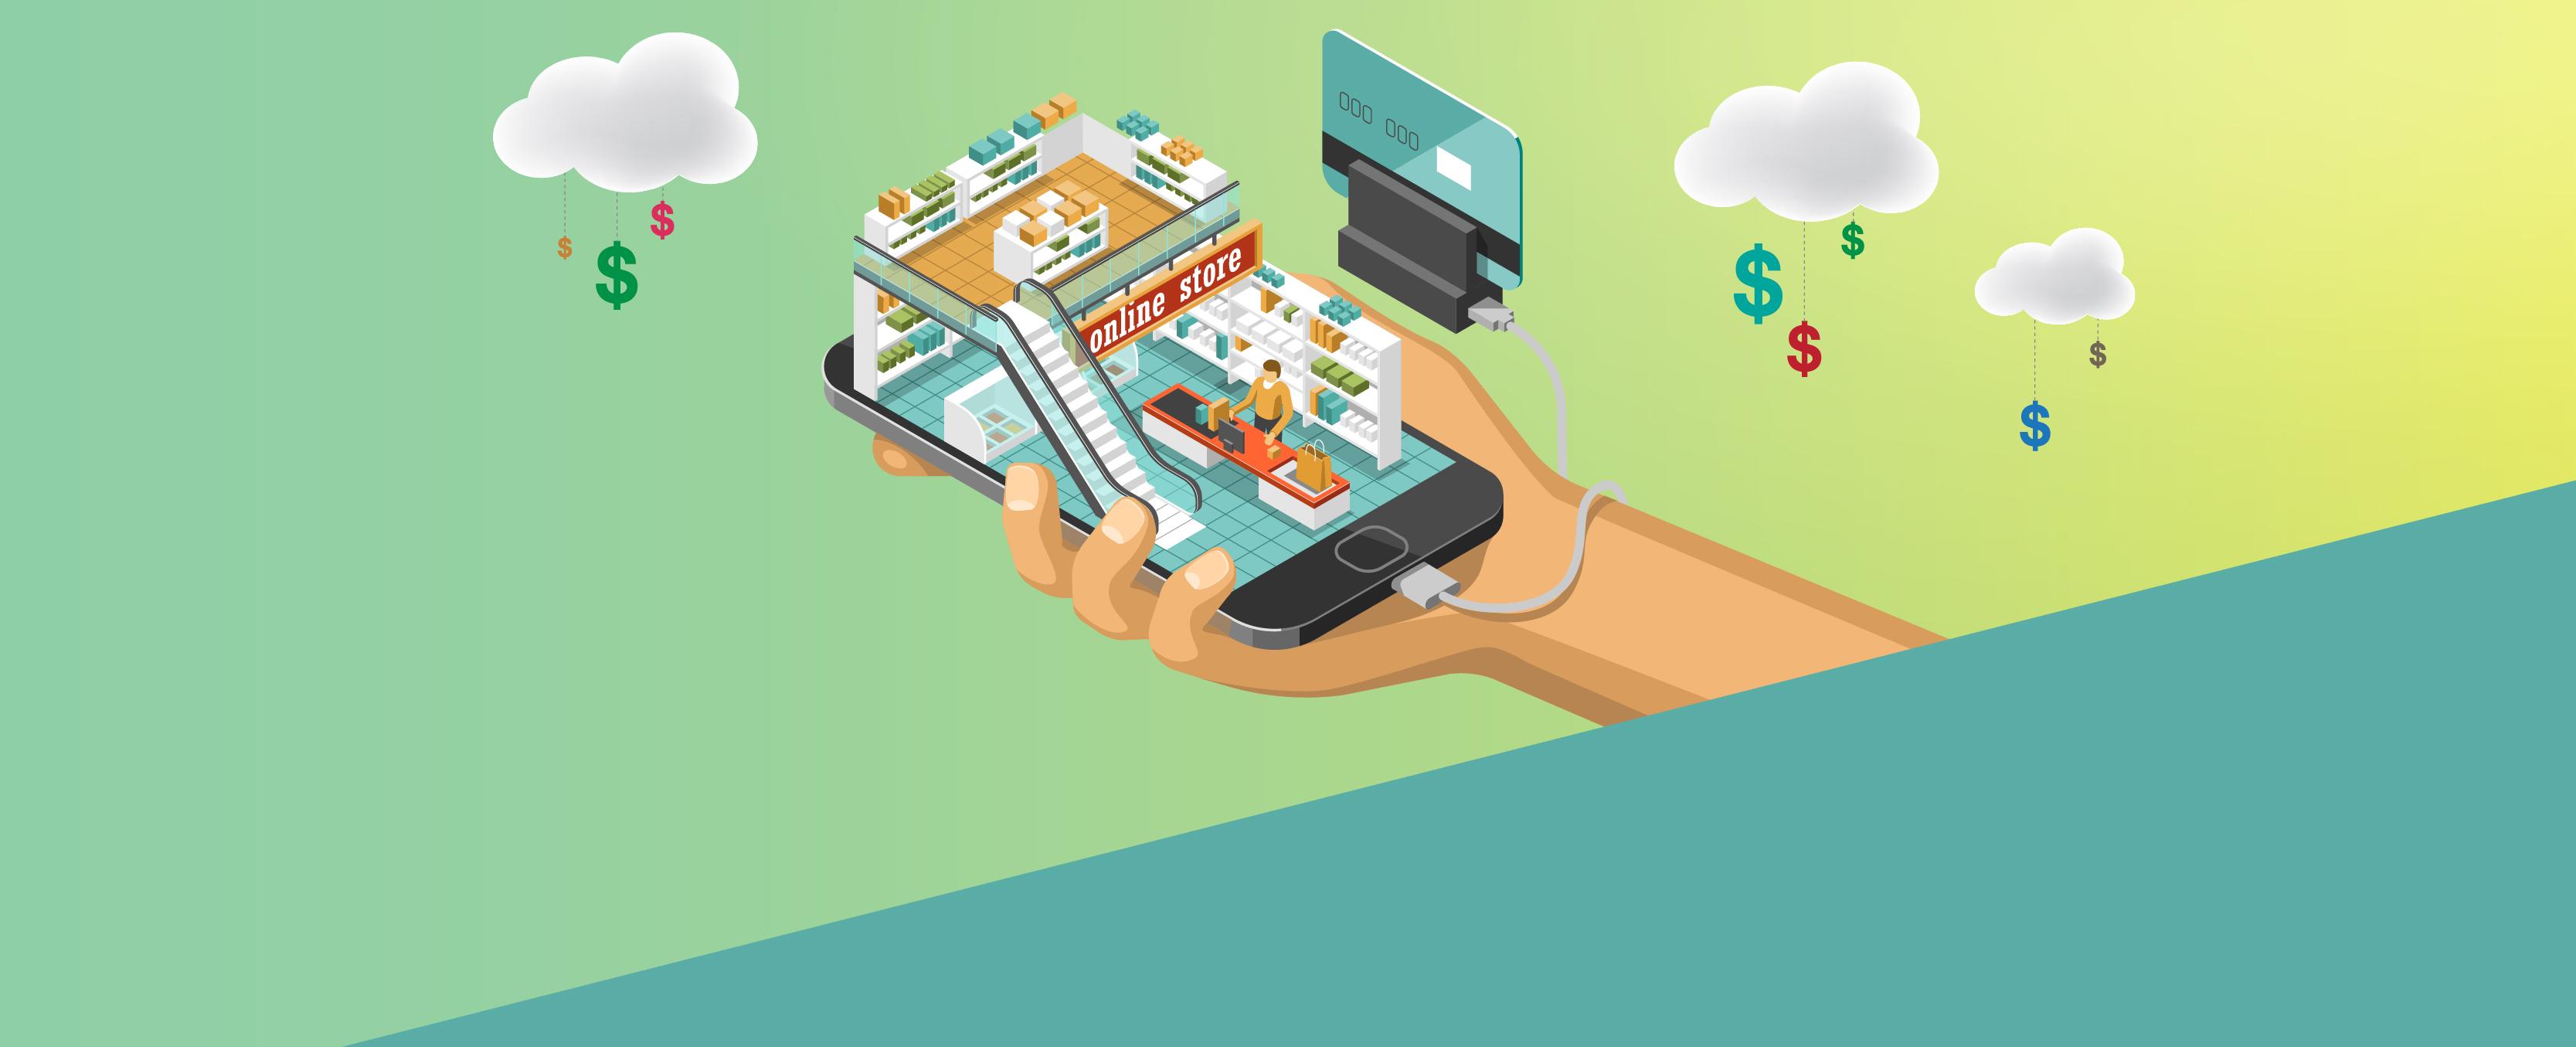 รู้ทัน 5 เทรนด์ใหม่ E-Commerce โลก … ผู้ประกอบการพร้อมปรับตัว